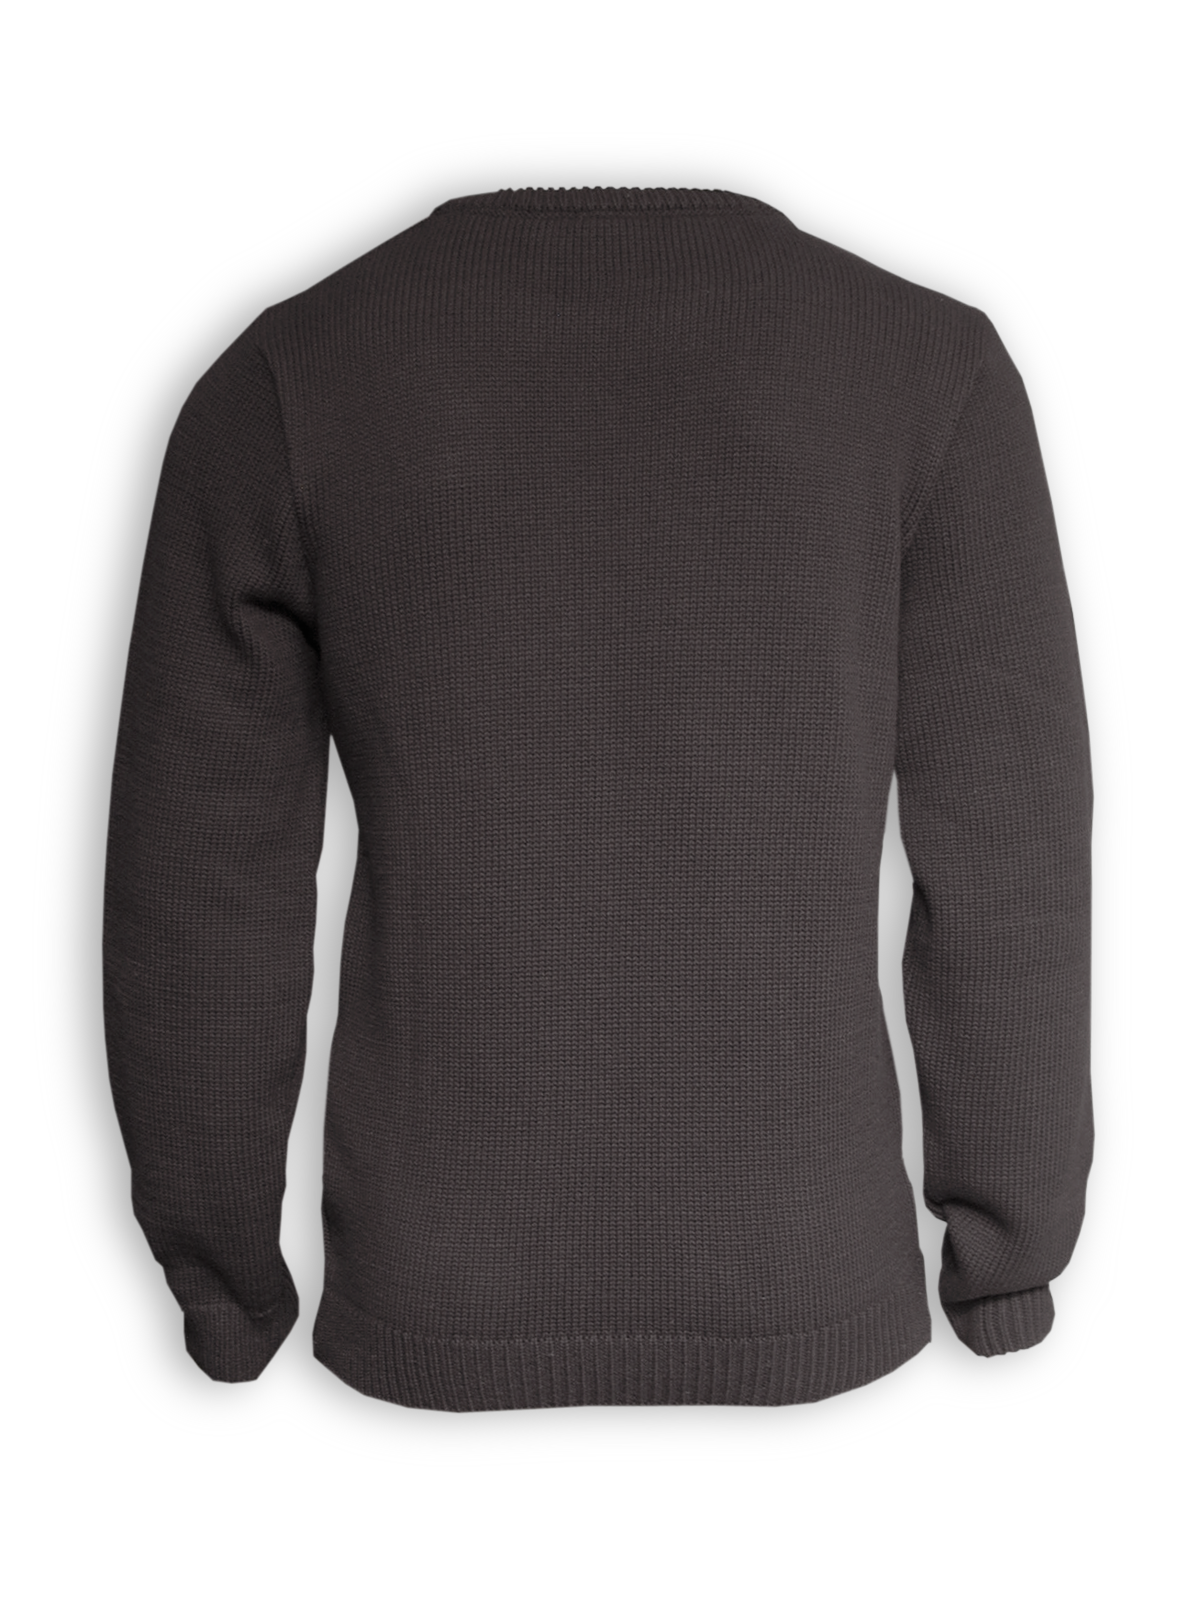 the latest c1449 5c142 Pullover Malo von Slowmo in schwarz - Mr. & Mrs. Green